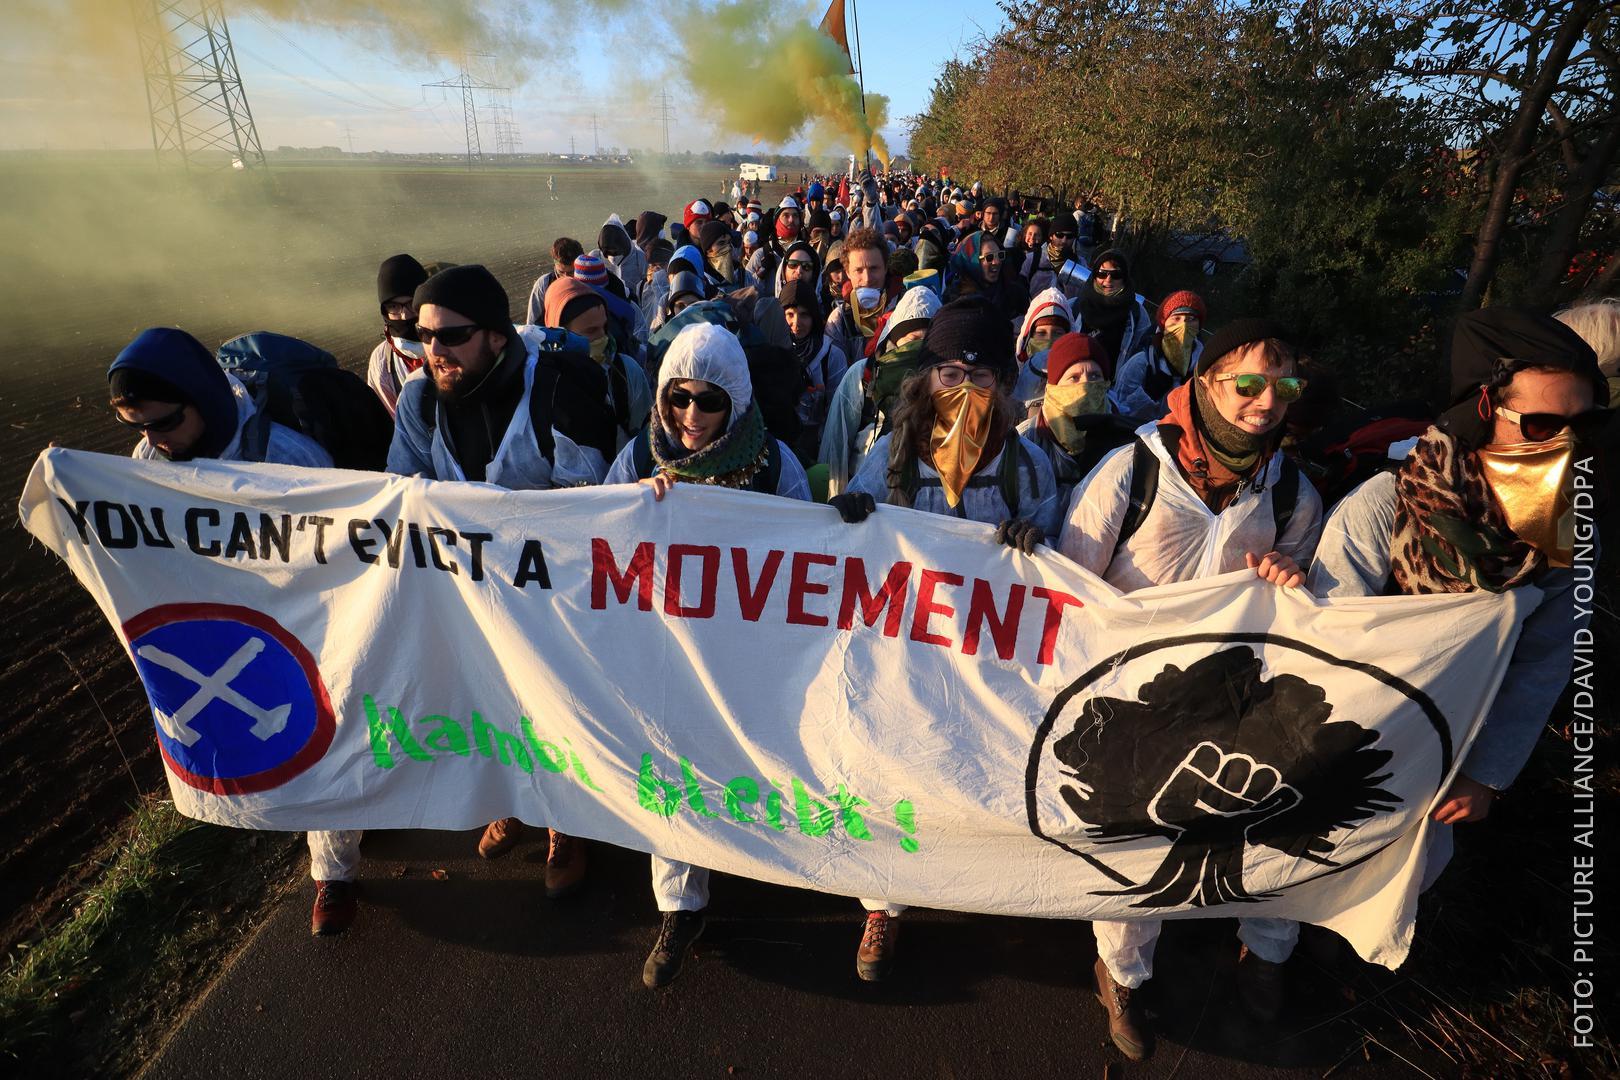 Braunkohle-Gegner demonstrieren